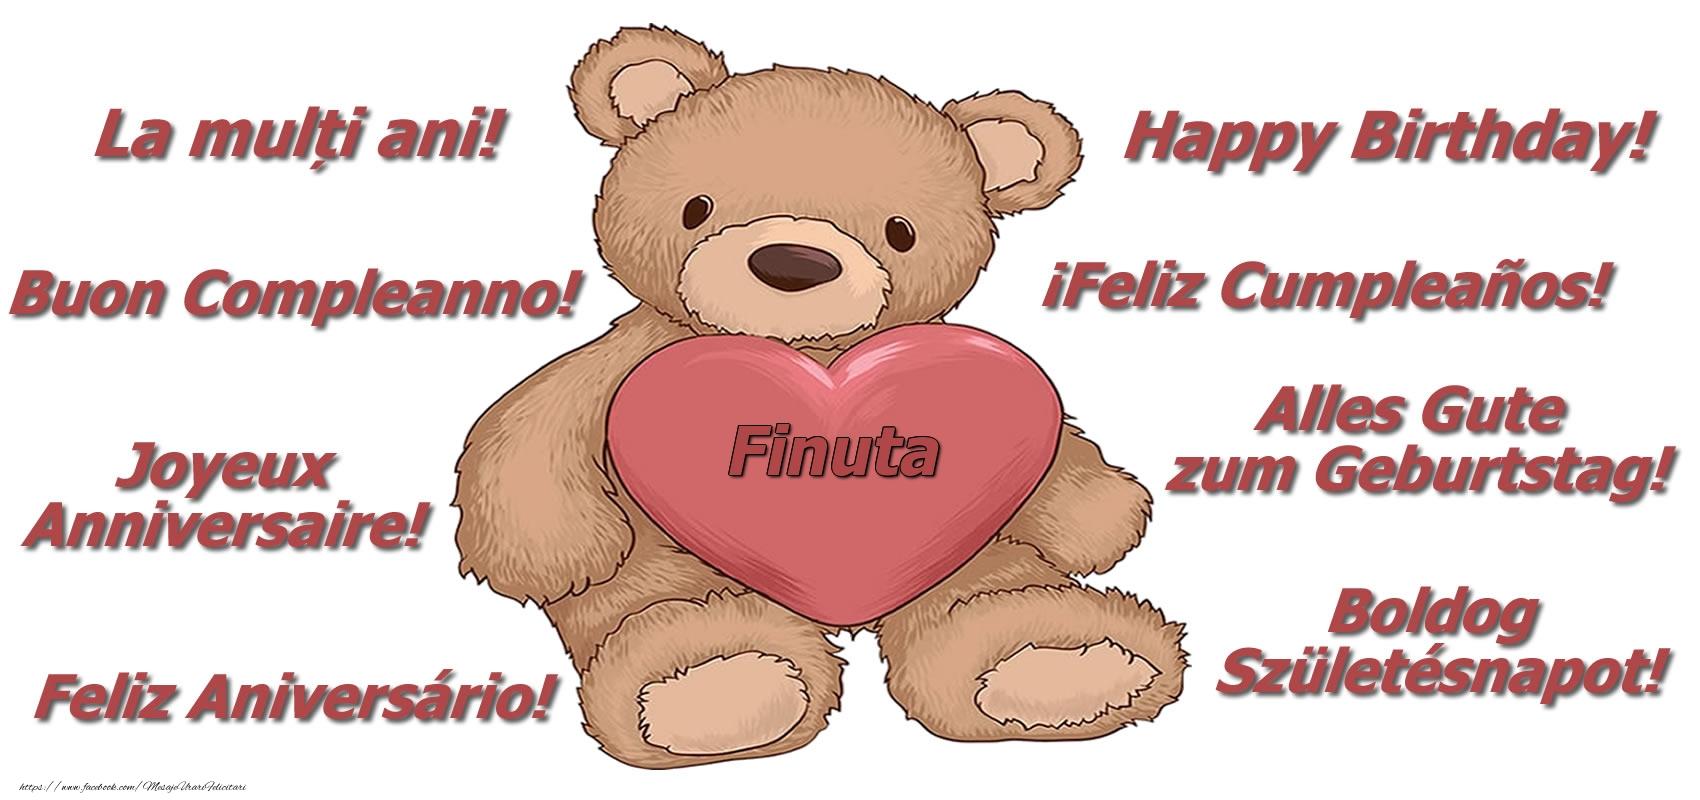 Felicitari frumoase de zi de nastere pentru Fina | La multi ani finuta! - Ursulet